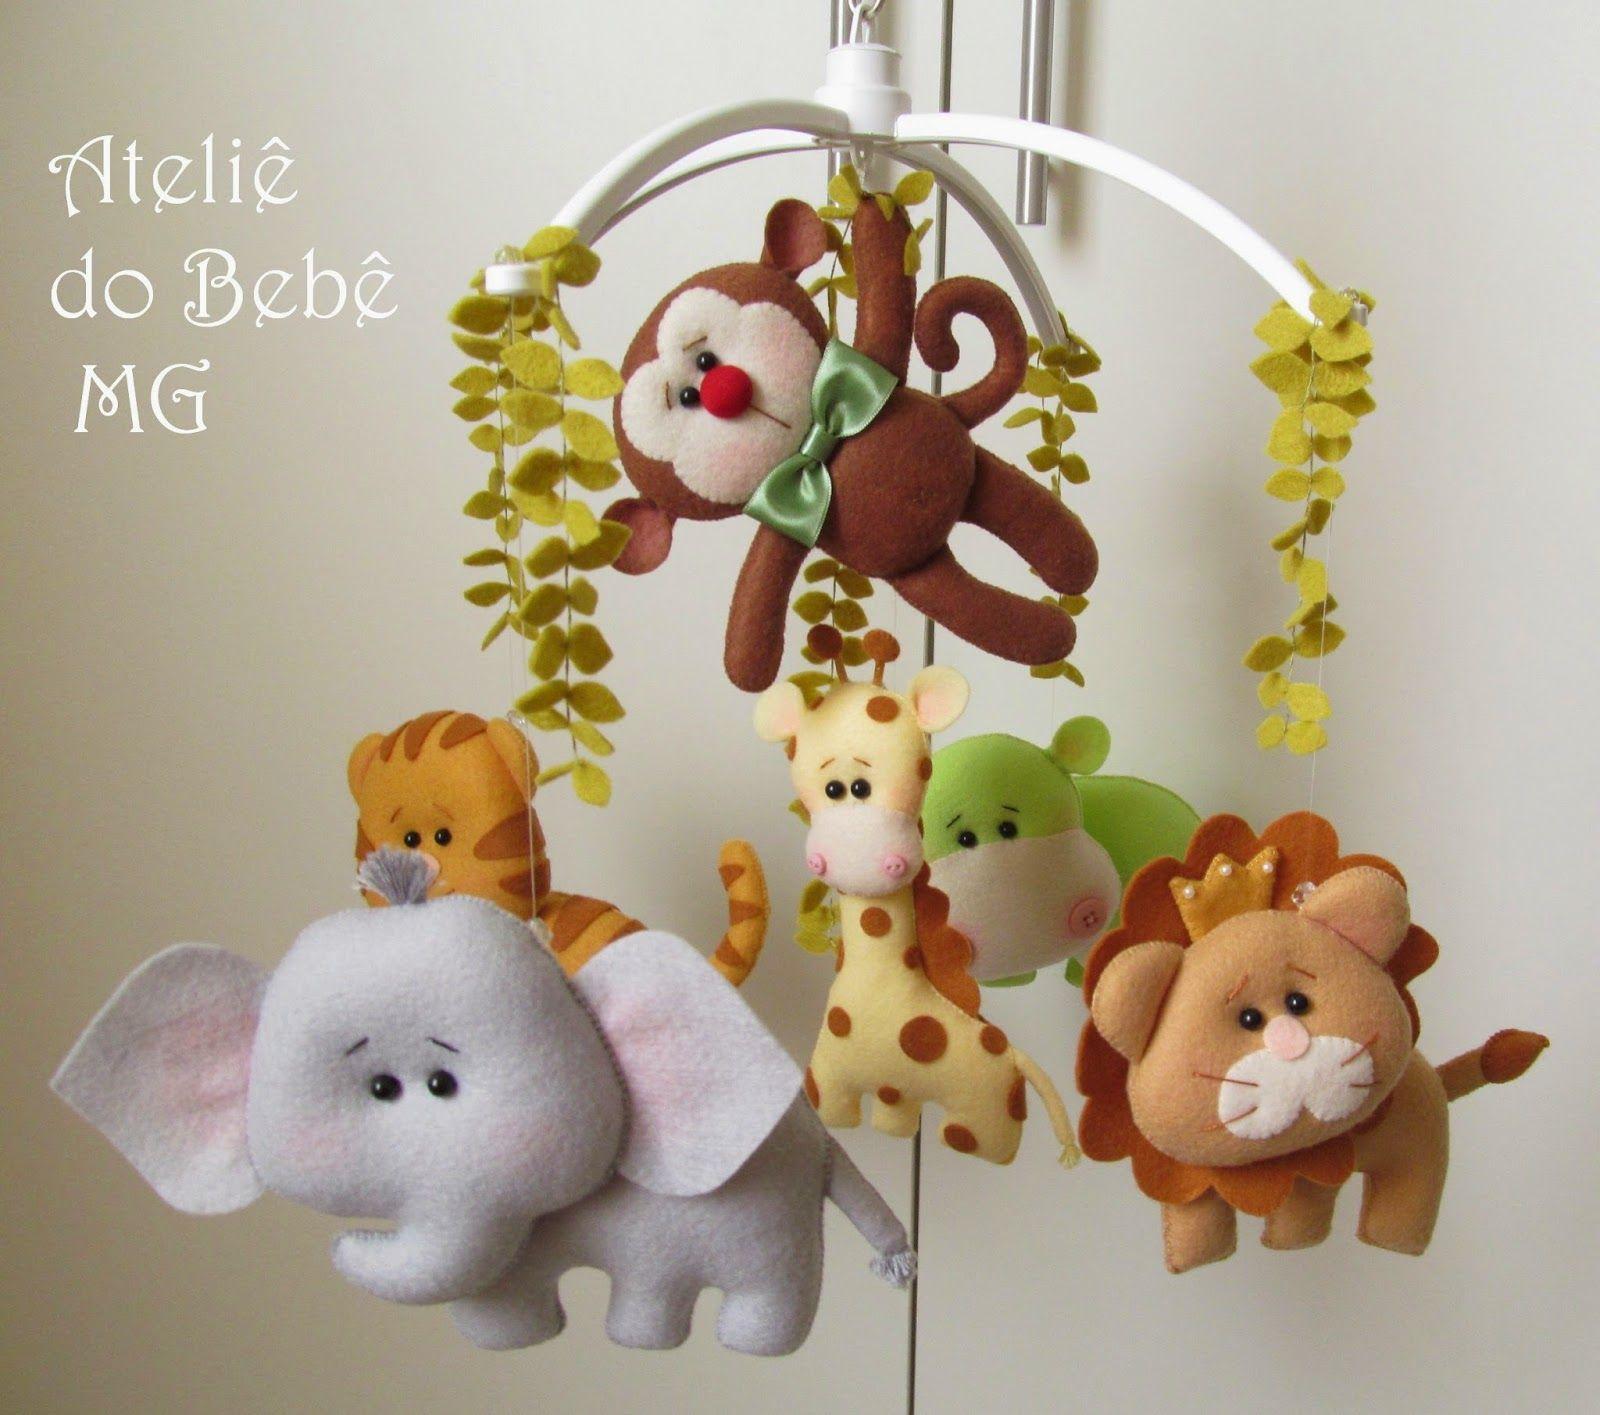 Ateli Do Beb Mg Decora O Safari Feltro Fofo Pinterest  ~ Decoração De Quarto De Bebe Bichinhos Da Floresta